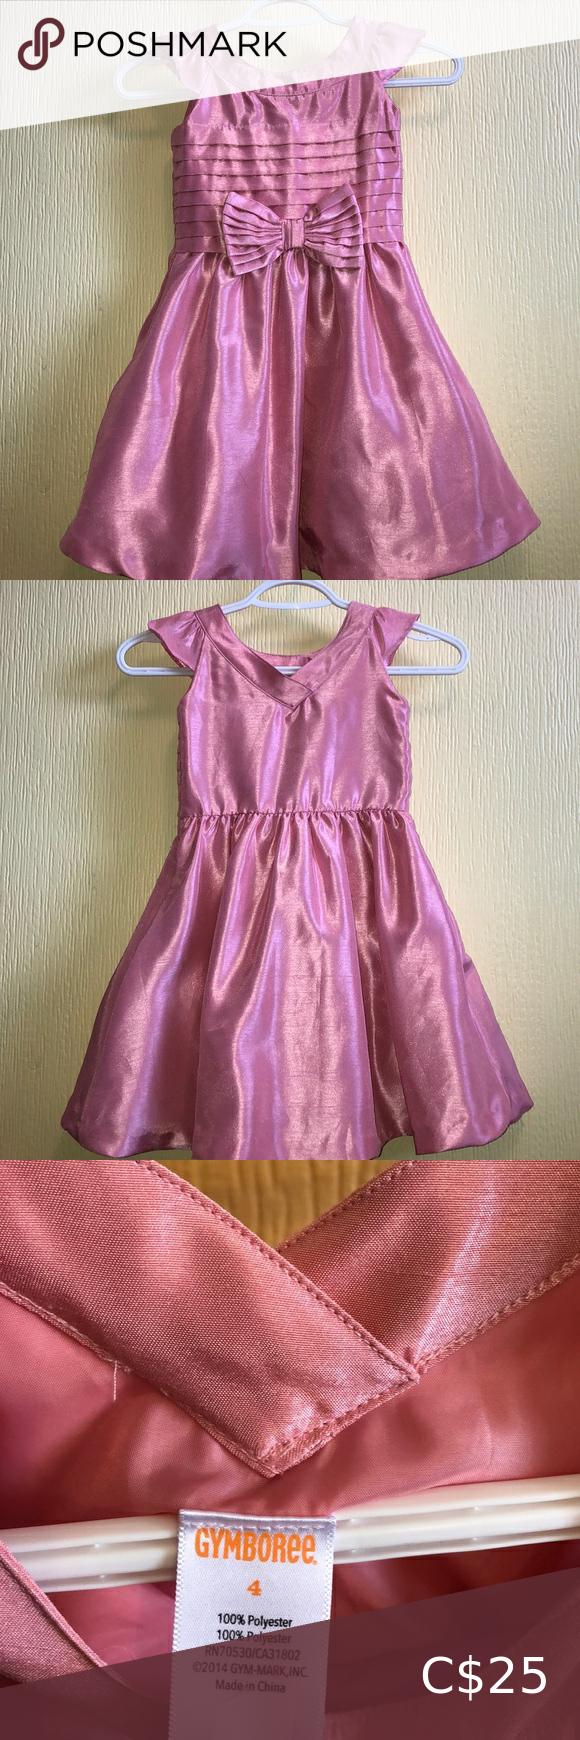 Pink Gymboree Party Dress 4t 4t Dress Party Dress Dresses [ 1740 x 580 Pixel ]